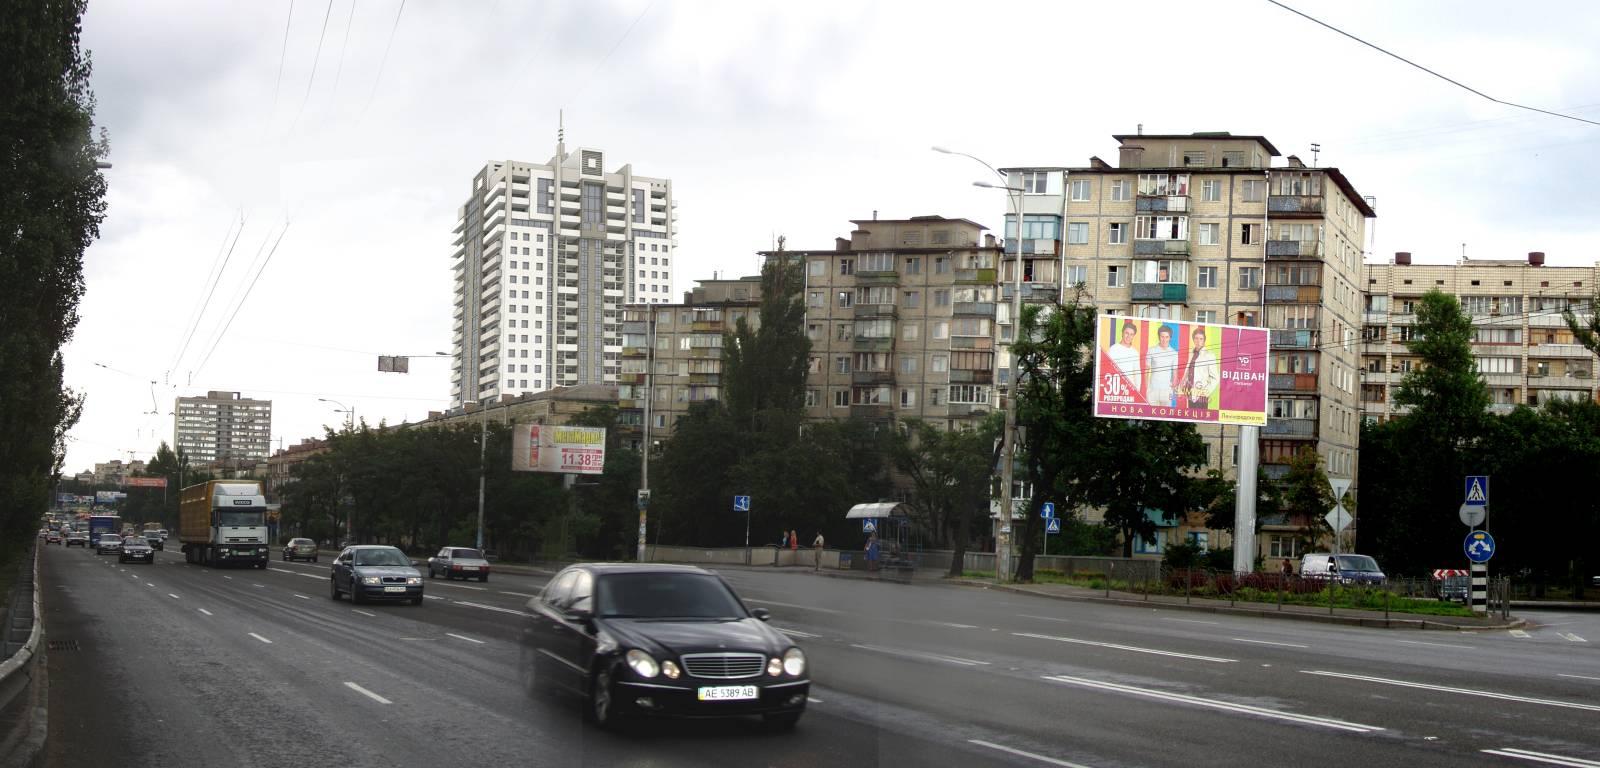 Жилой дом в Днепровском районе на проспекте Соборности